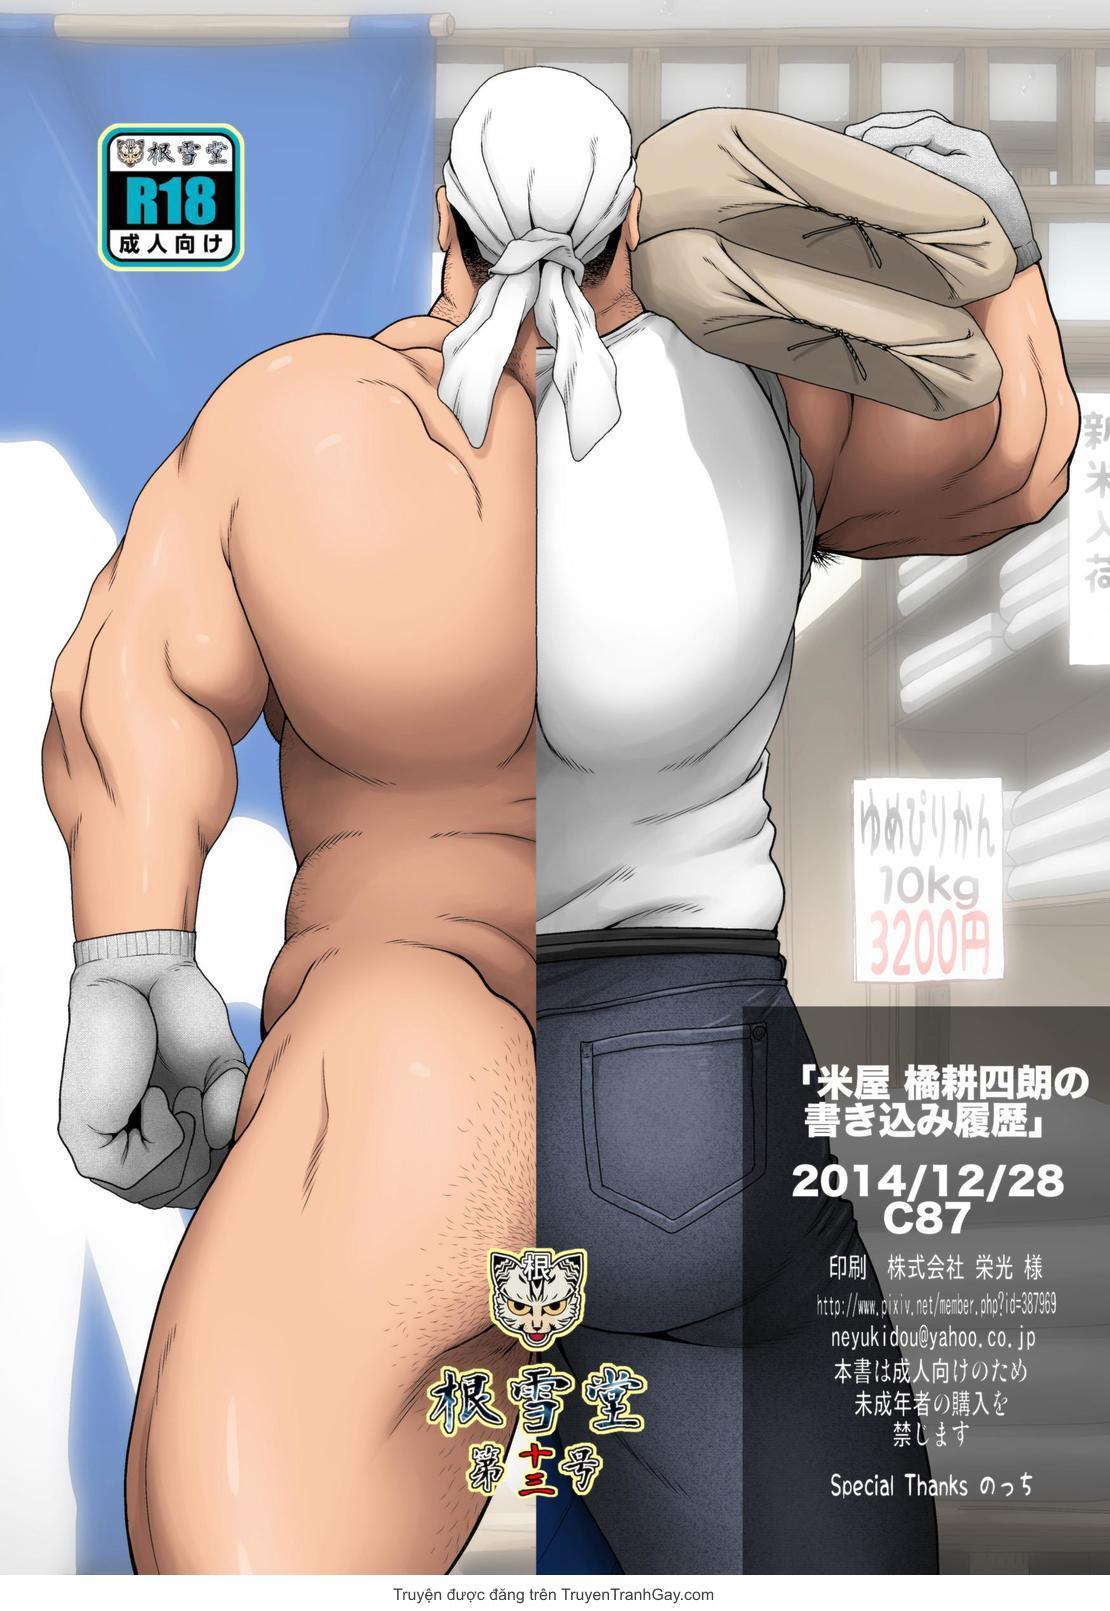 Lịch Sử Đăng Tải - Tác giả Takaku Nozomu - Trang 30